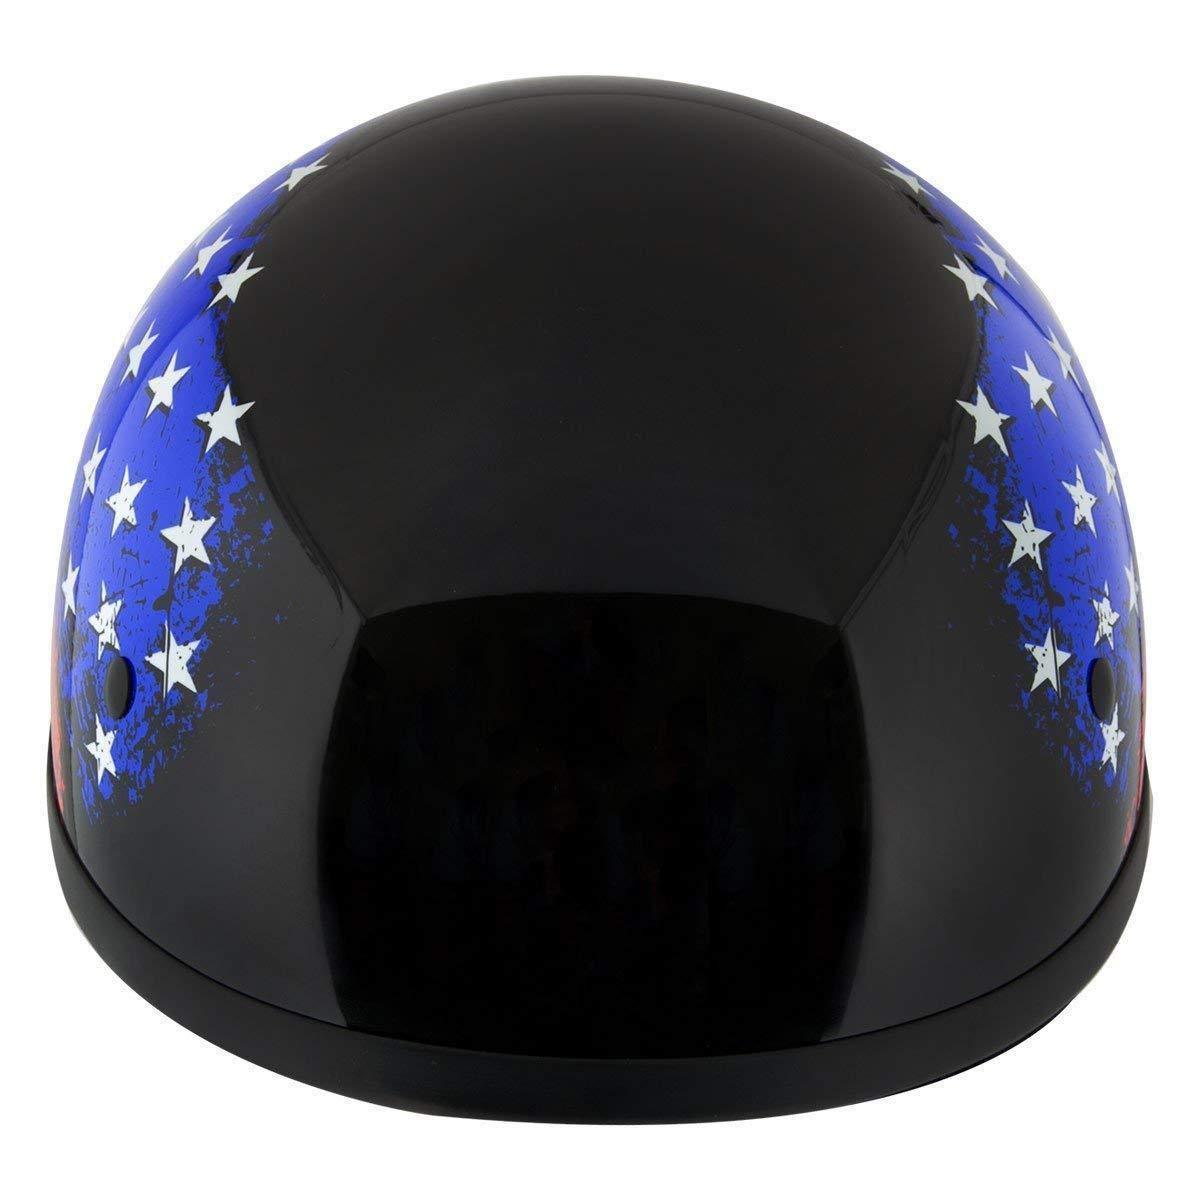 Hustler DOT HT-1 Flag Black Glossy Motorcycle Skull Cap Half Helmet Large